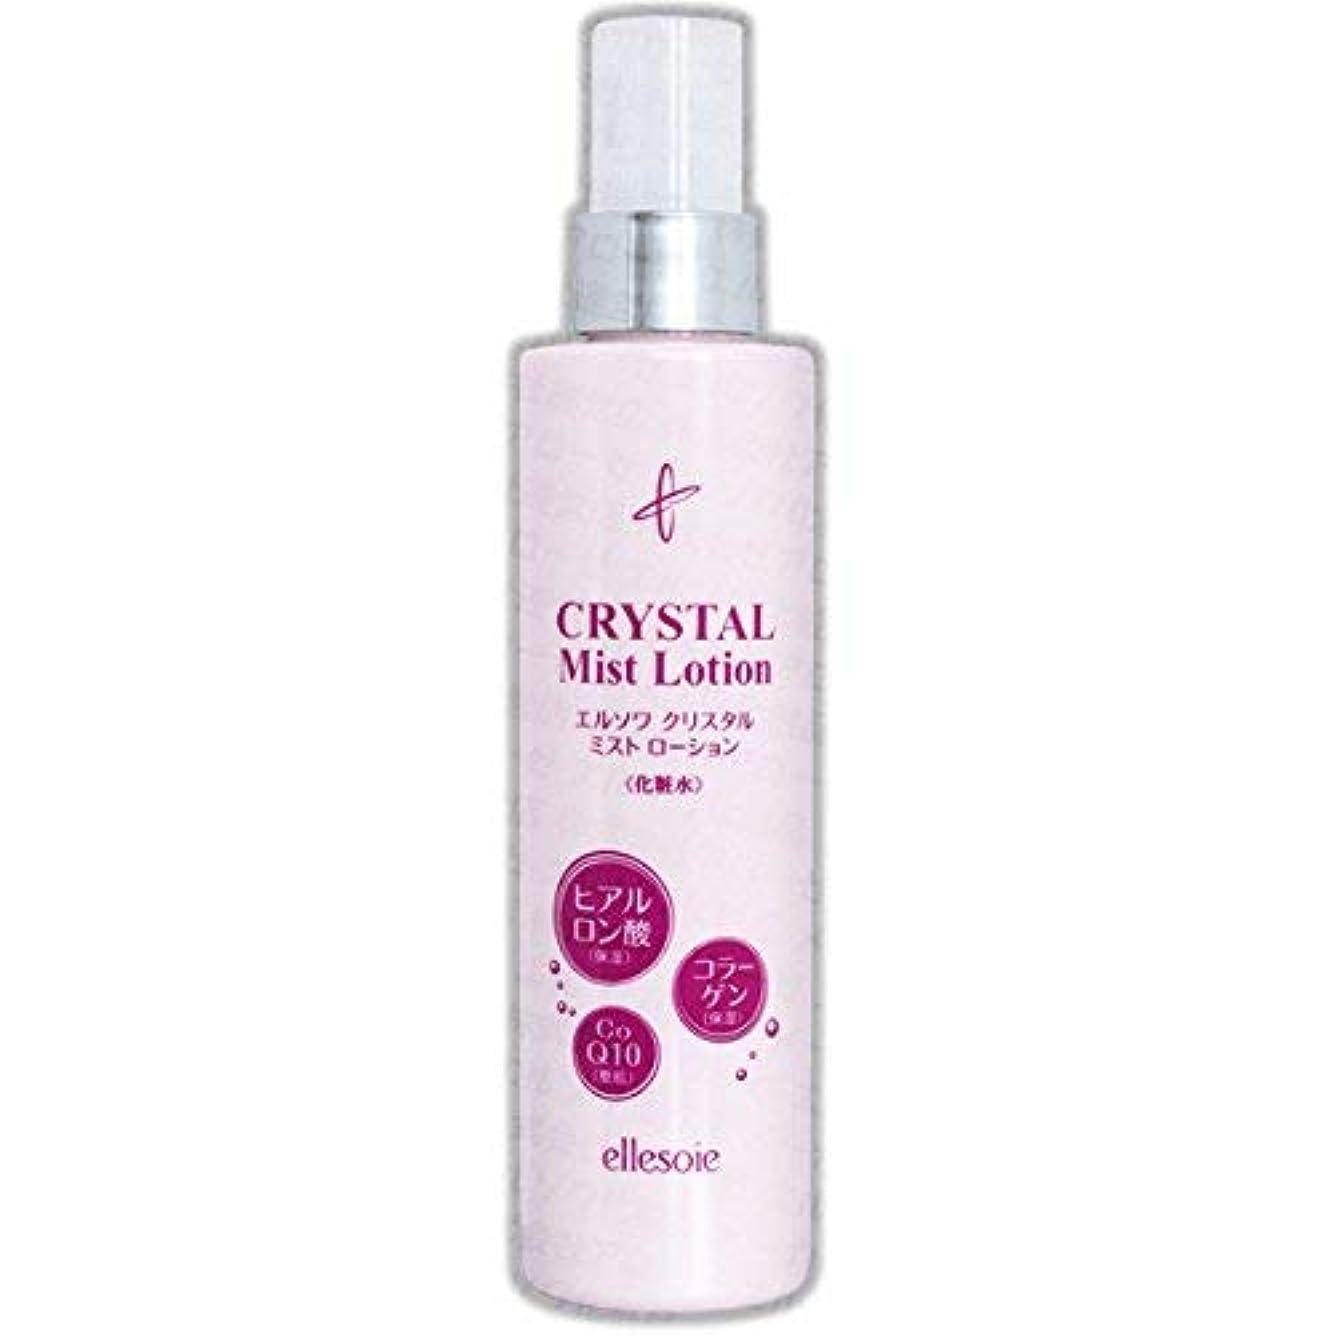 傷つきやすいミュート織るエルソワ化粧品(ellesoie) クリスタル ミストローション 化粧水